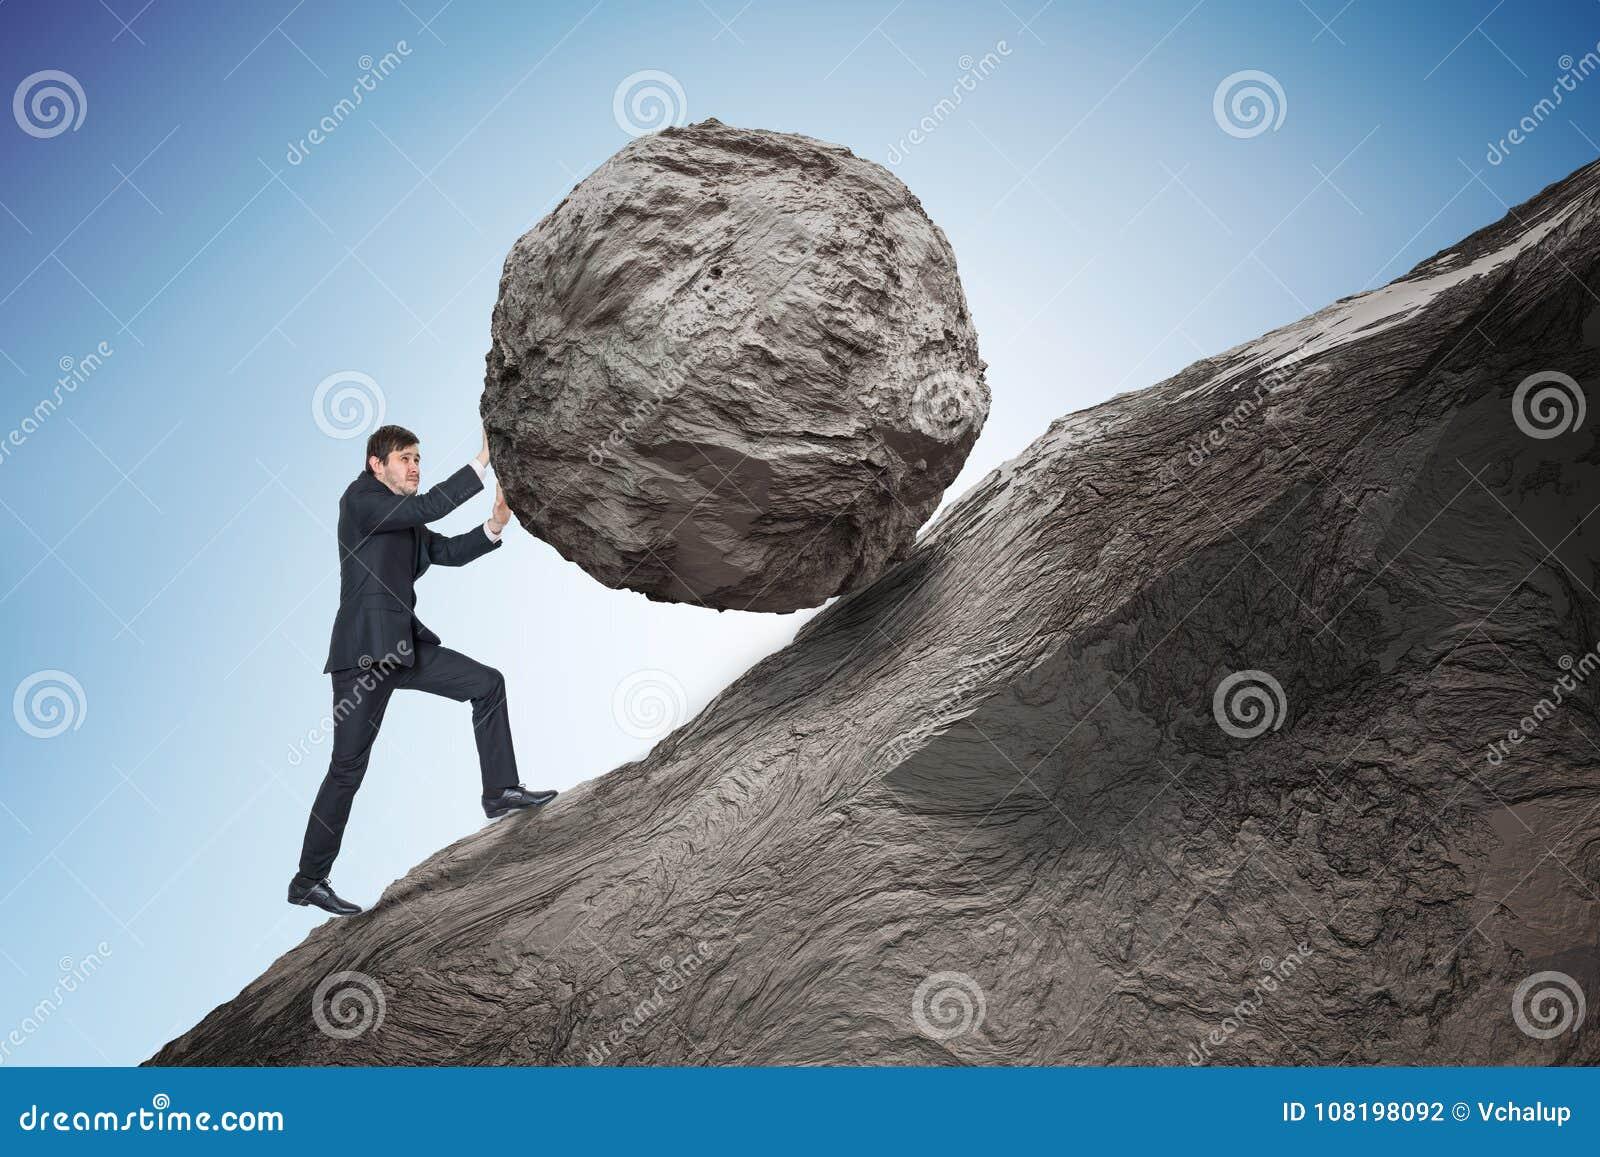 Metaphore de Sisyphus Hombre de negocios joven que empuja el canto rodado de piedra pesado para arriba en la colina